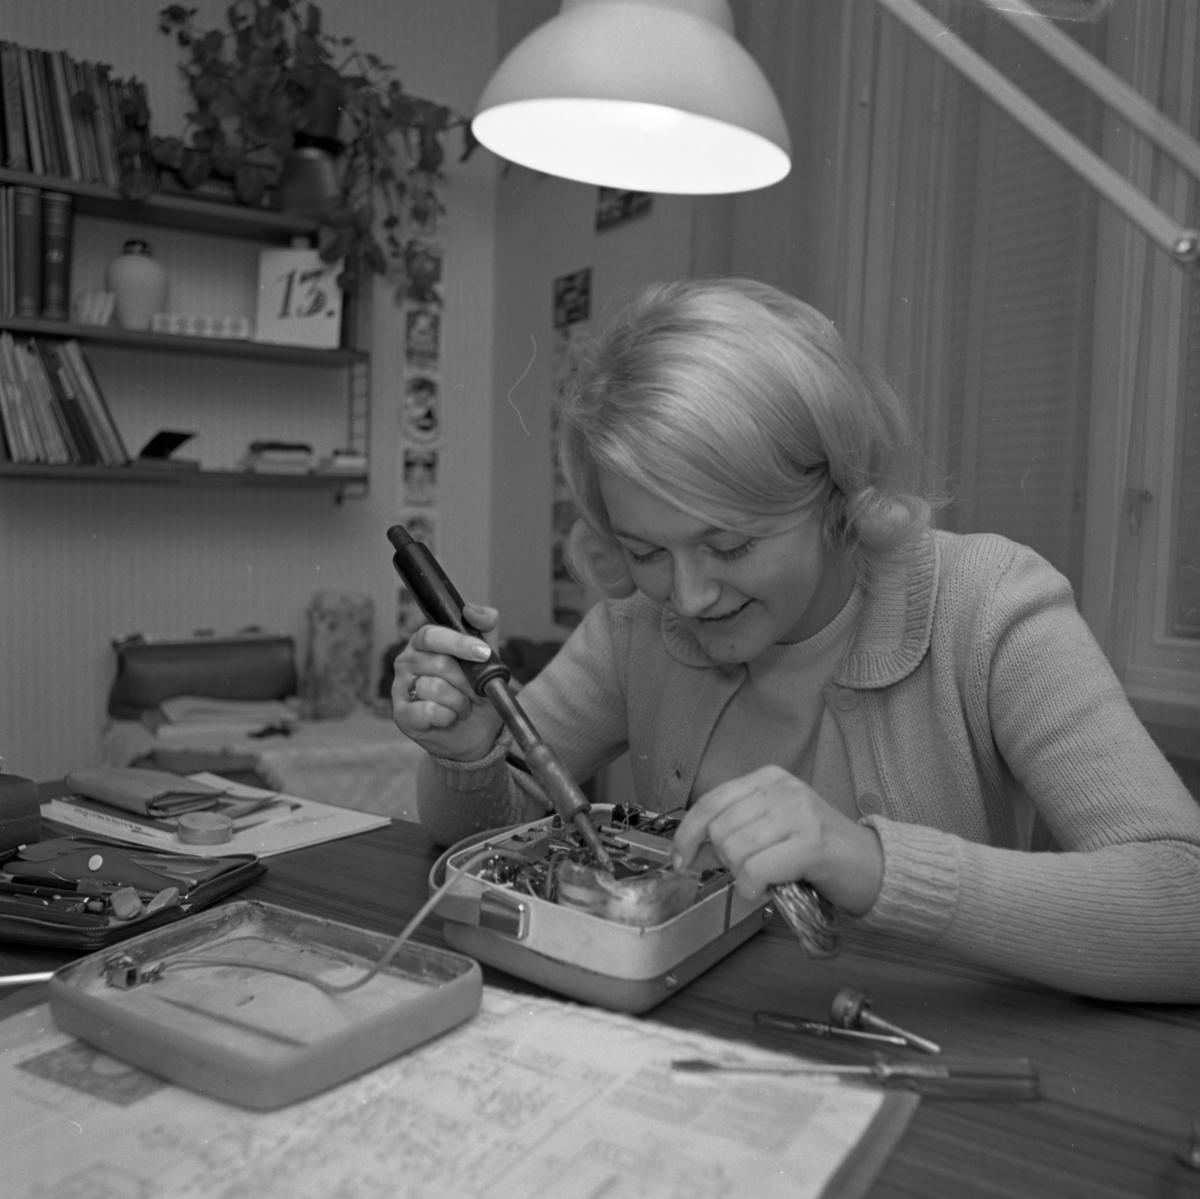 Ann-Britt Gustafsson, årets Lucia. Ung kvinna som sitter vid skrivbordet. Framför henne ligger en isärtagen teknisk apparat. Hon håller en skruvmejsel i ena handen. Fler mejslar liggar på skrivbordet. En skrivbordslampa syns. På väggen hänger en bokhylla, modell String, med böcker, prydnadssaker och en krukväxt.